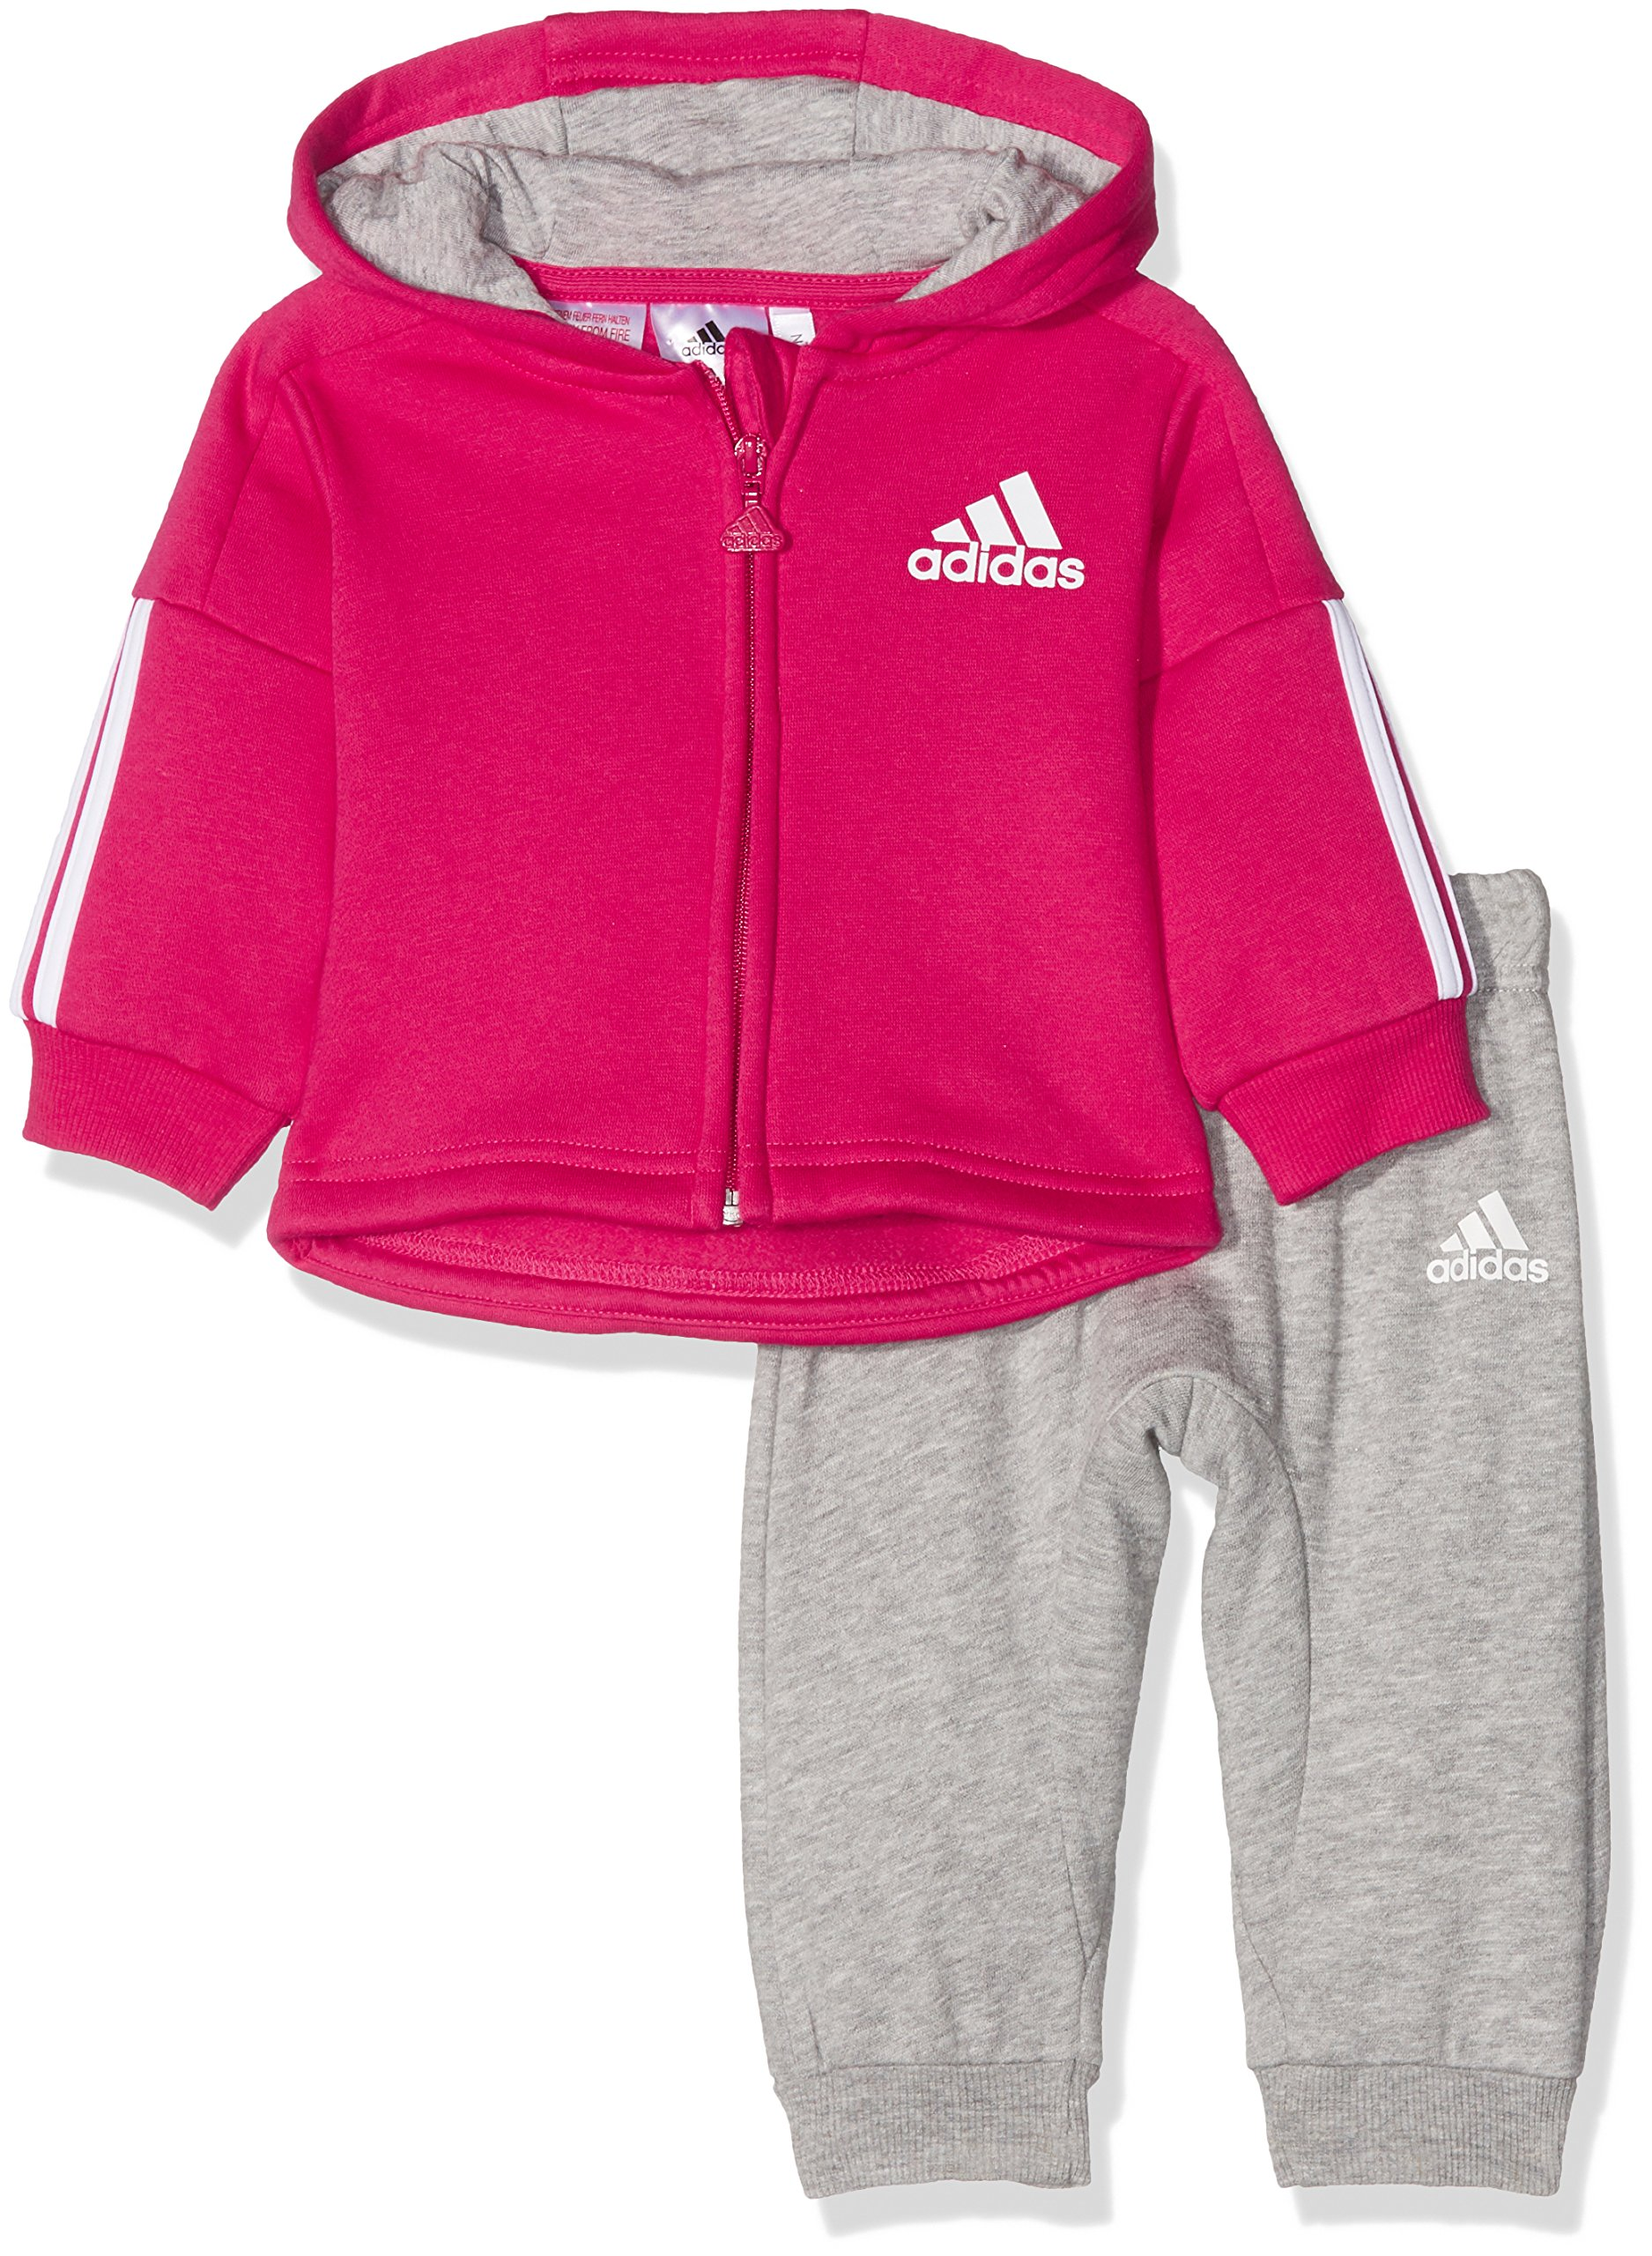 adidas i St Fzh Jog Fl, Tuta Unisex Bambini, Rosa (Bayint/Brgrin/Bianco), 80